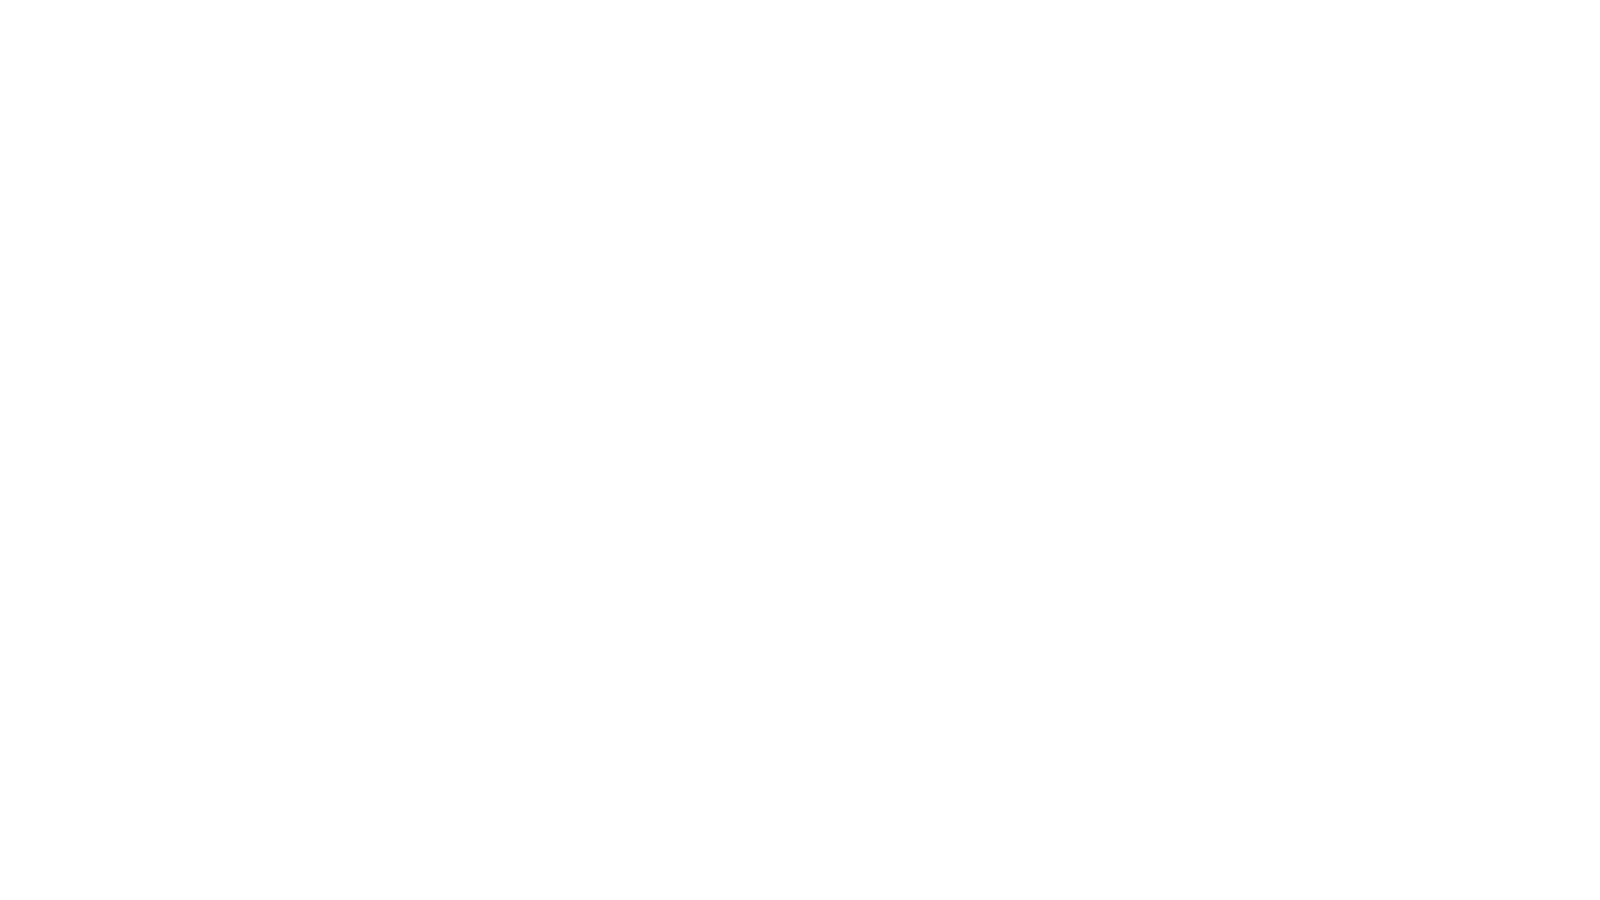 Entre sucesos históricos importantes y haciendo frente a la crisis económica global del 94, Xignux continuaba con su visión estratégica para abrirse paso a la era moderna.  Descubre la historia detrás de Xignux, la empresa mexicana que, desde hace 65 años, provee soluciones que energizan la vida y la sociedad.   Cuarto capítulo de la serie de minidocumentales: Energiza, que celebra el 65 aniversario de Xignux.